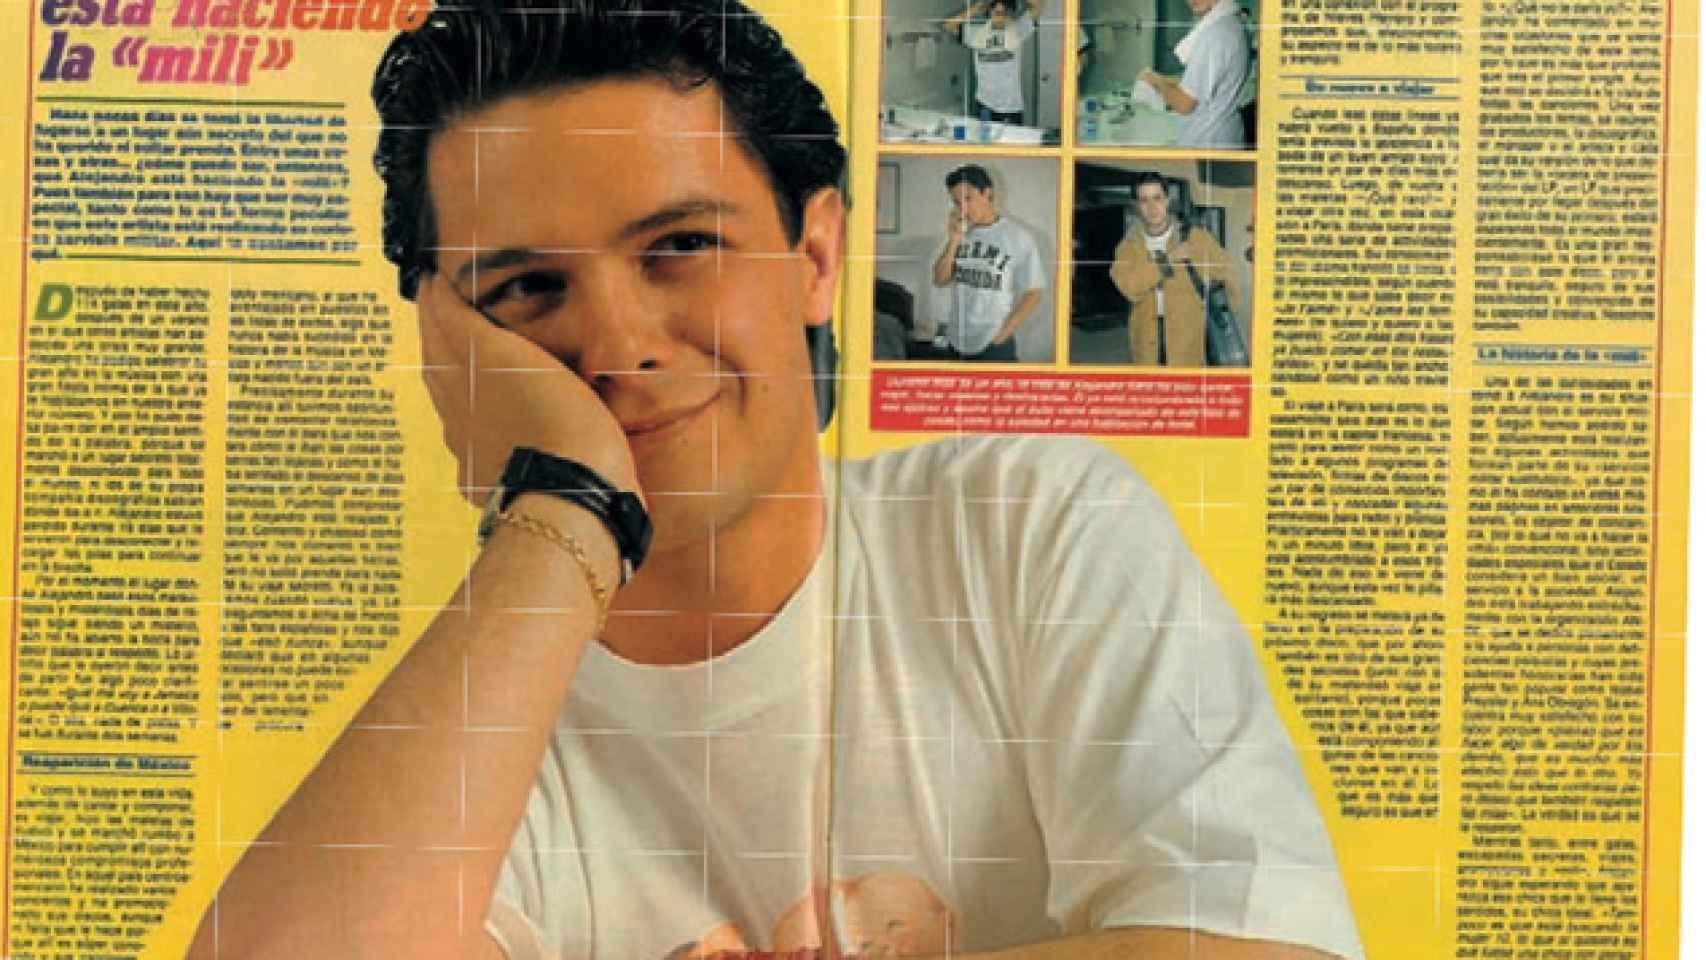 Los comienzos musicales de Alejandro Sanz estuvieron ligados a la revista